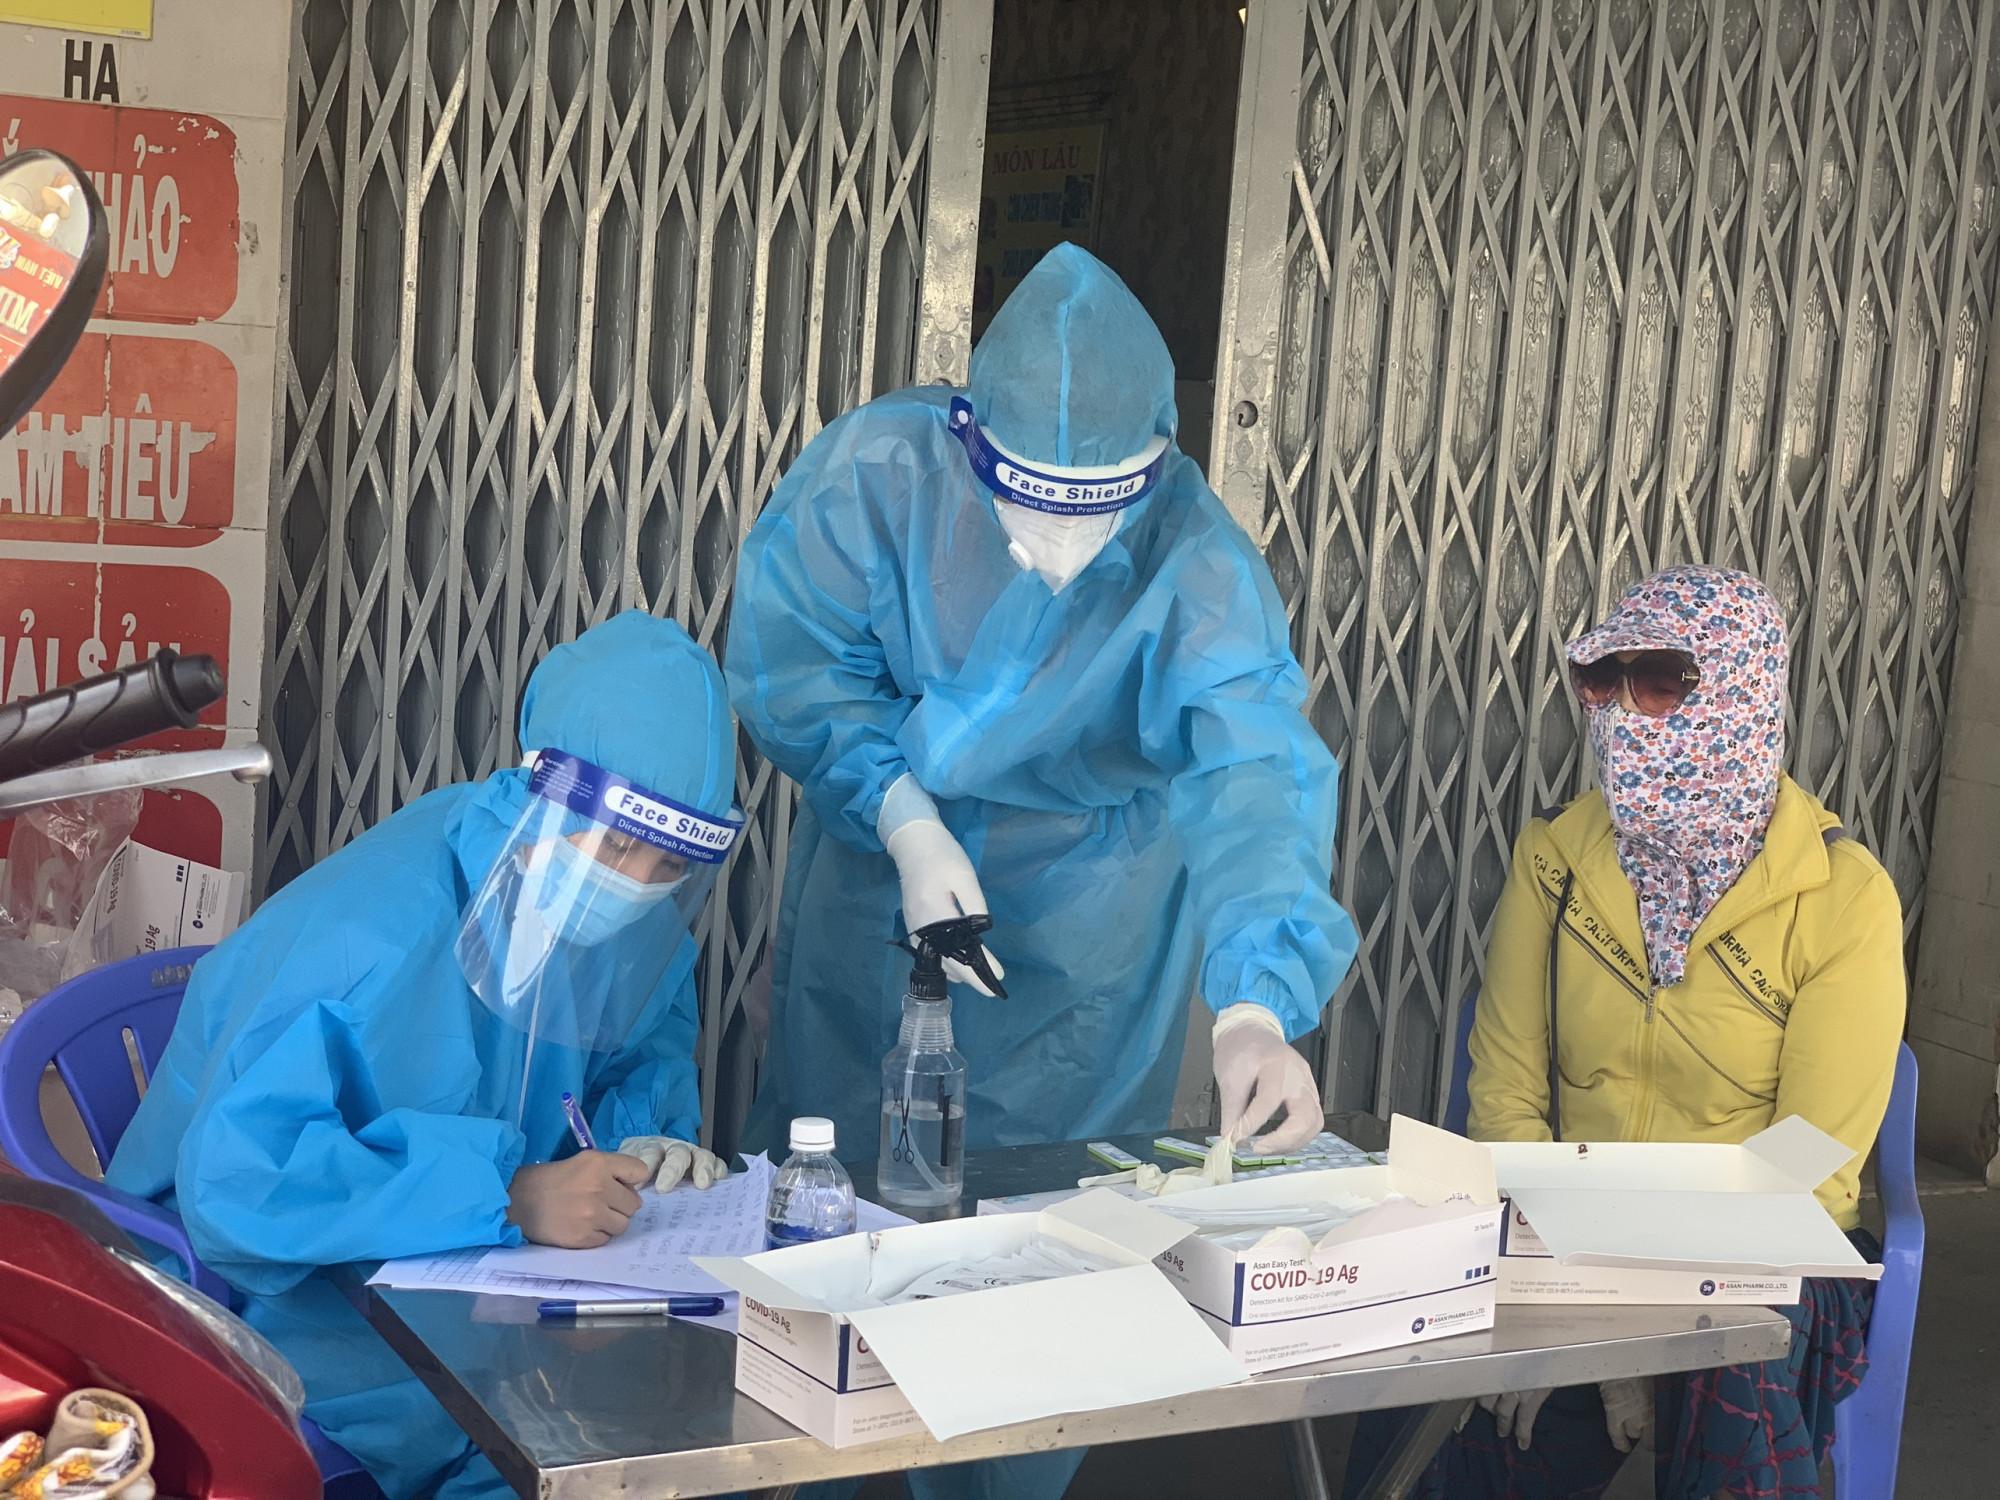 Lấy mẫu xét nghiệm cho người dân tại huyện Long Thành, Đồng Nai